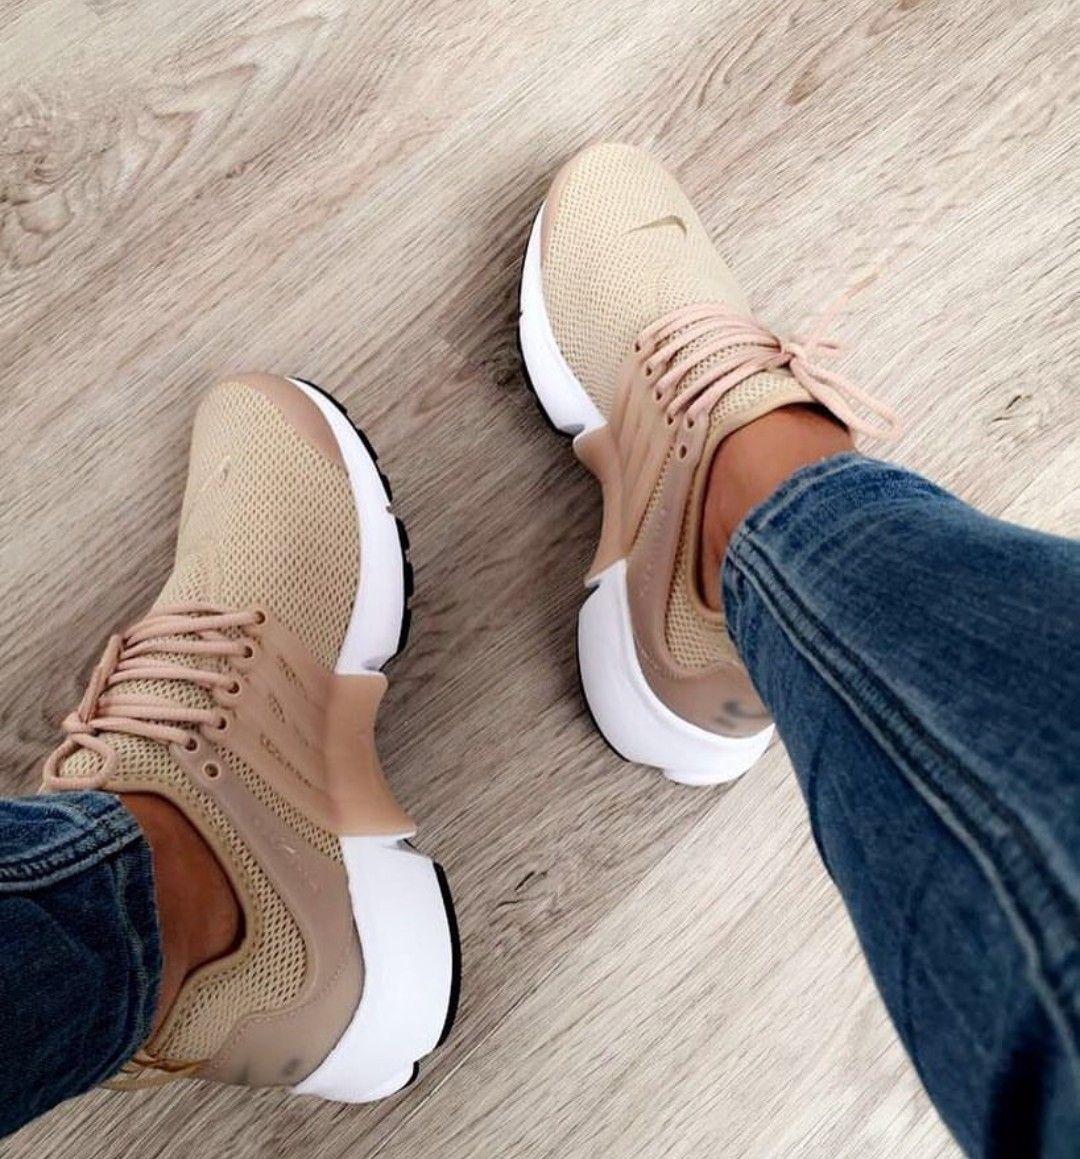 Nike Air Presto In Braun Beige Brown Creme Foto Selintpgl Instagram Instagram Shoes Sneakers Best Sneakers